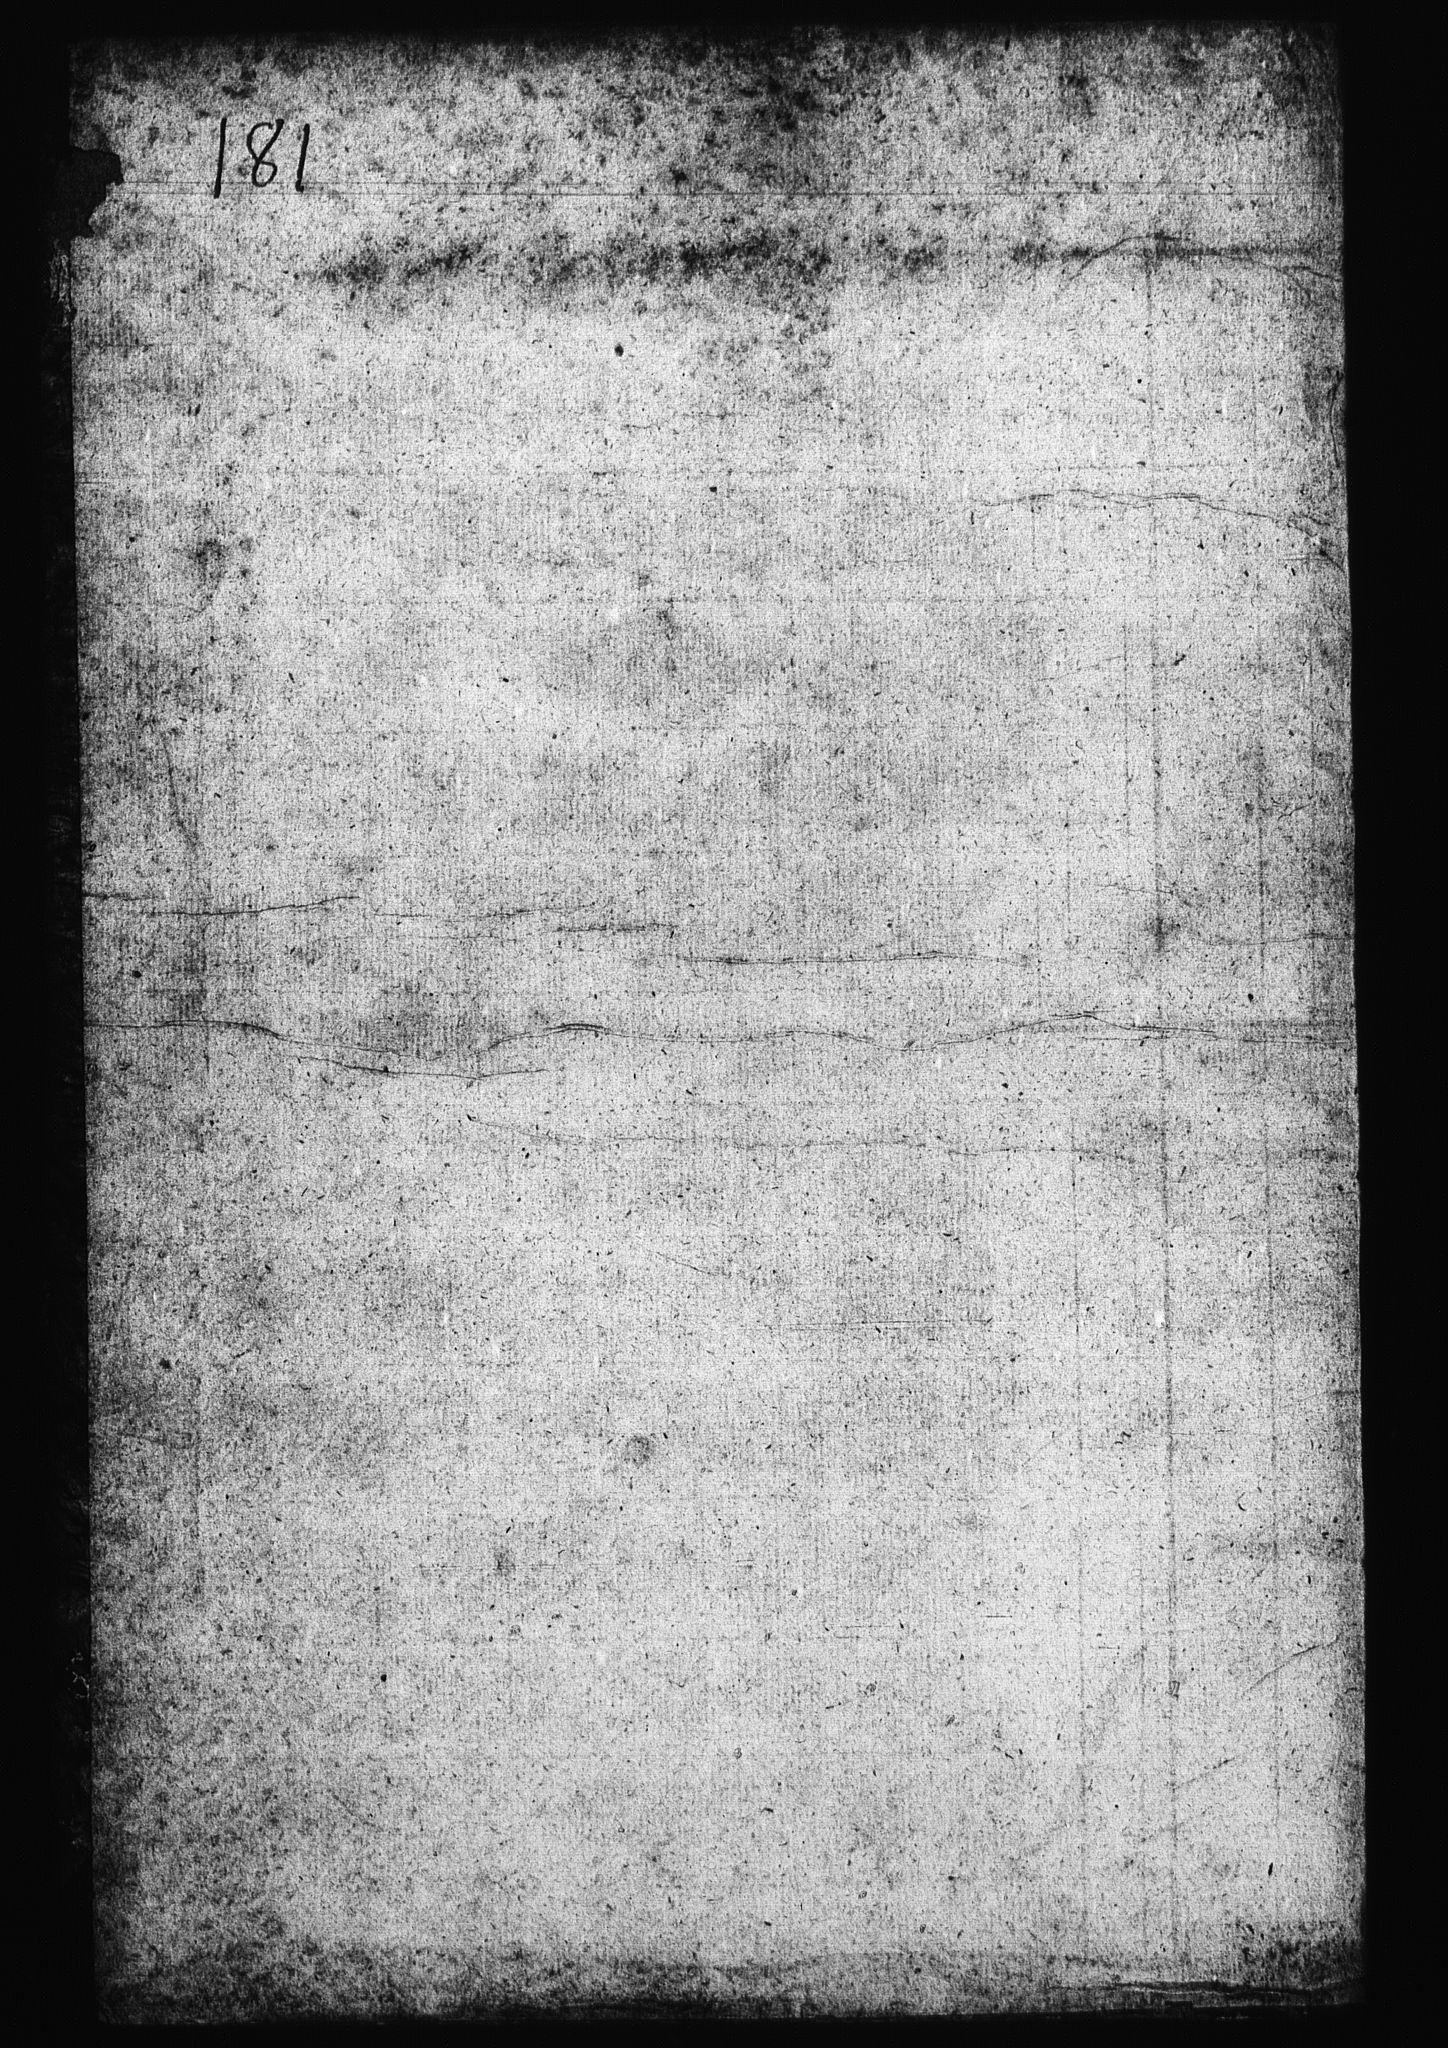 RA, Sjøetaten, F/L0182: Fredrikshalds distrikt, bind 1, 1797